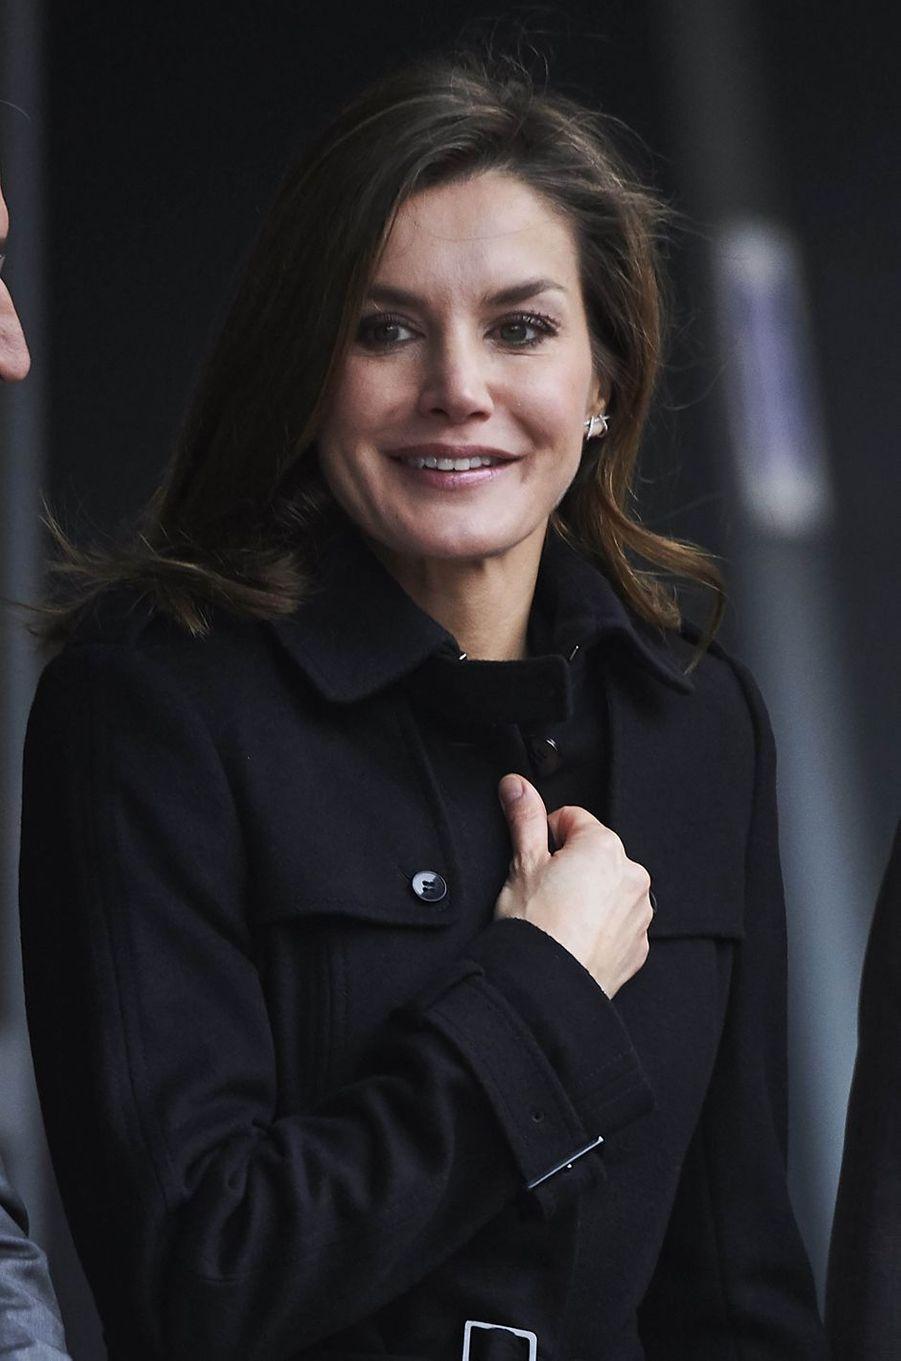 La reine Letizia d'Espagne tout sourire à Madrid, le 10 janvier 2018